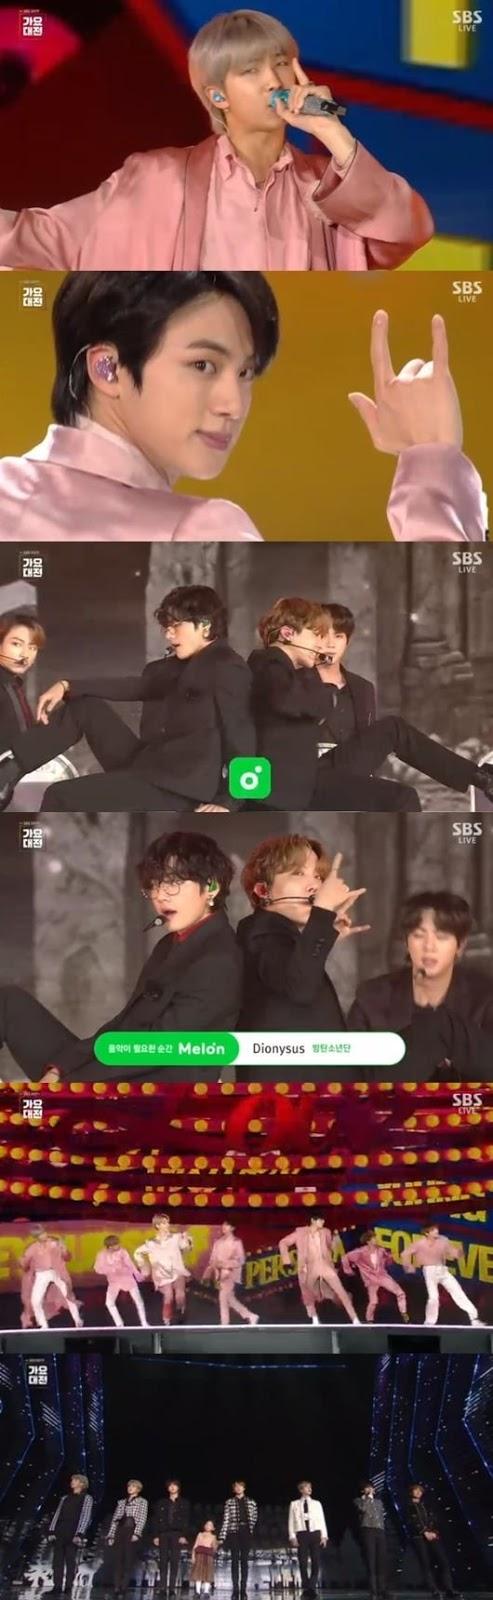 BTS 'SBS Gayo' töreninin kapanışını yaptı